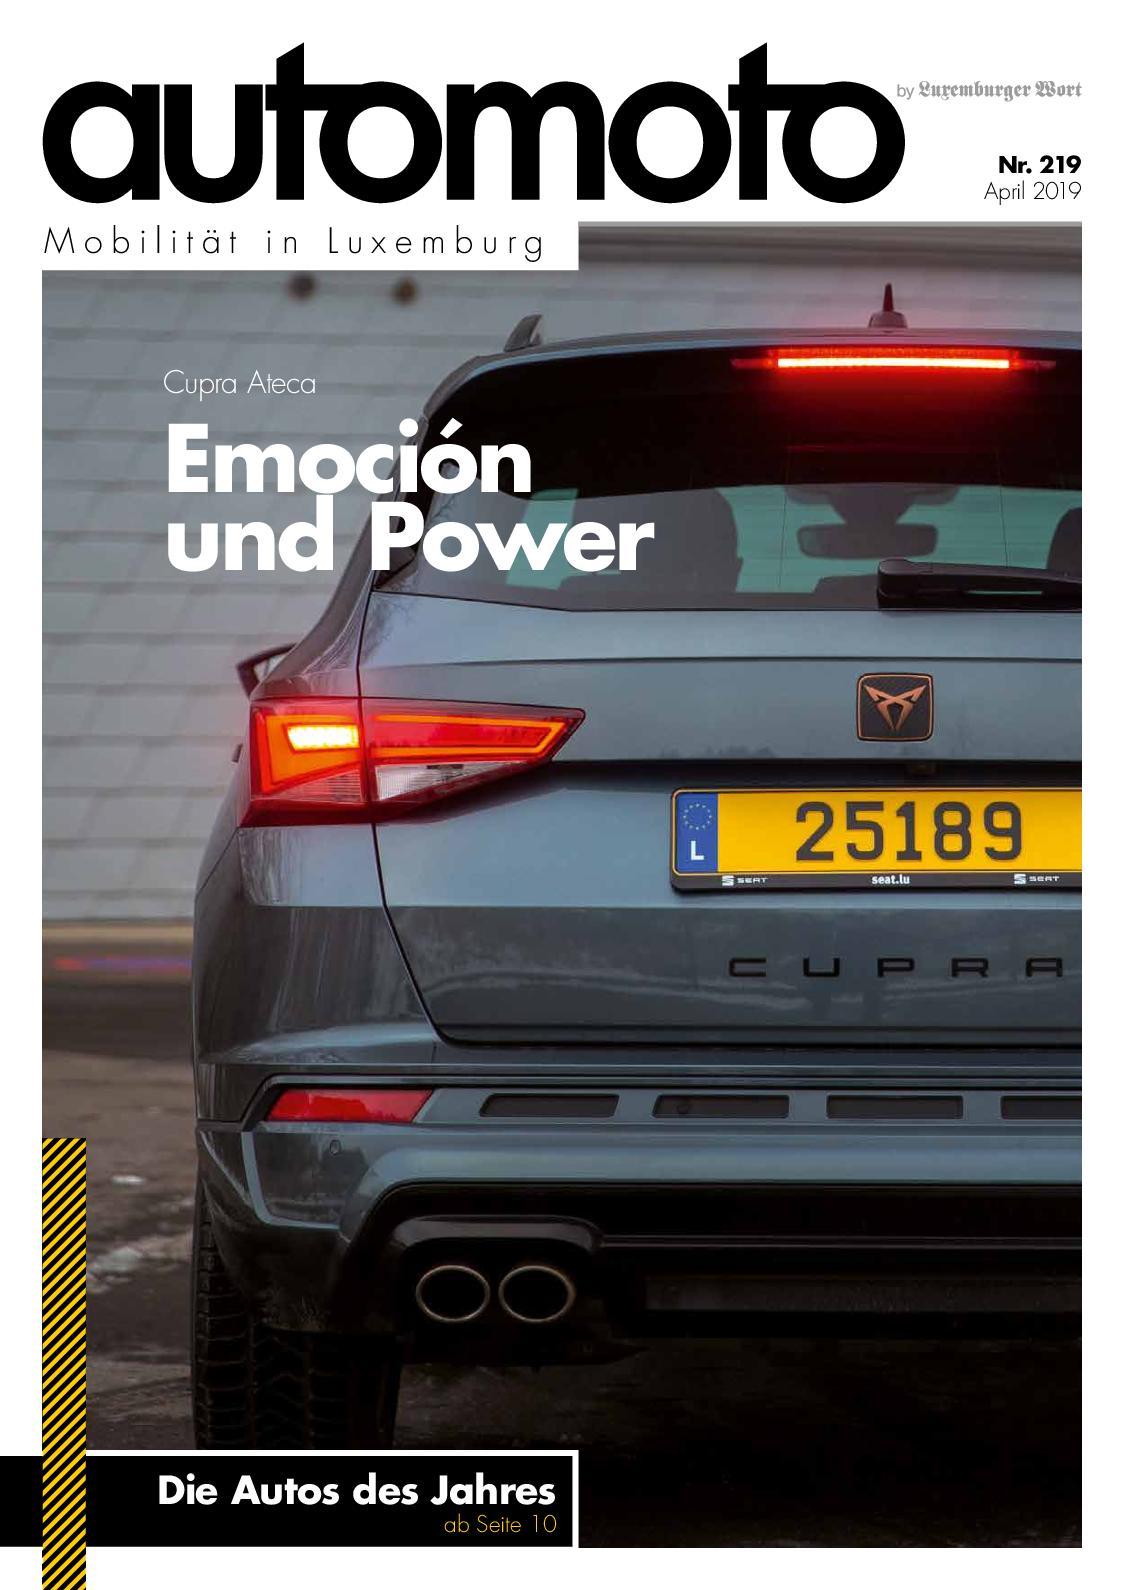 Auspuffanlage ab KAT Mitte//hinten DPF für Peugeot 307 HB 2,0 HDI 110 Diesel